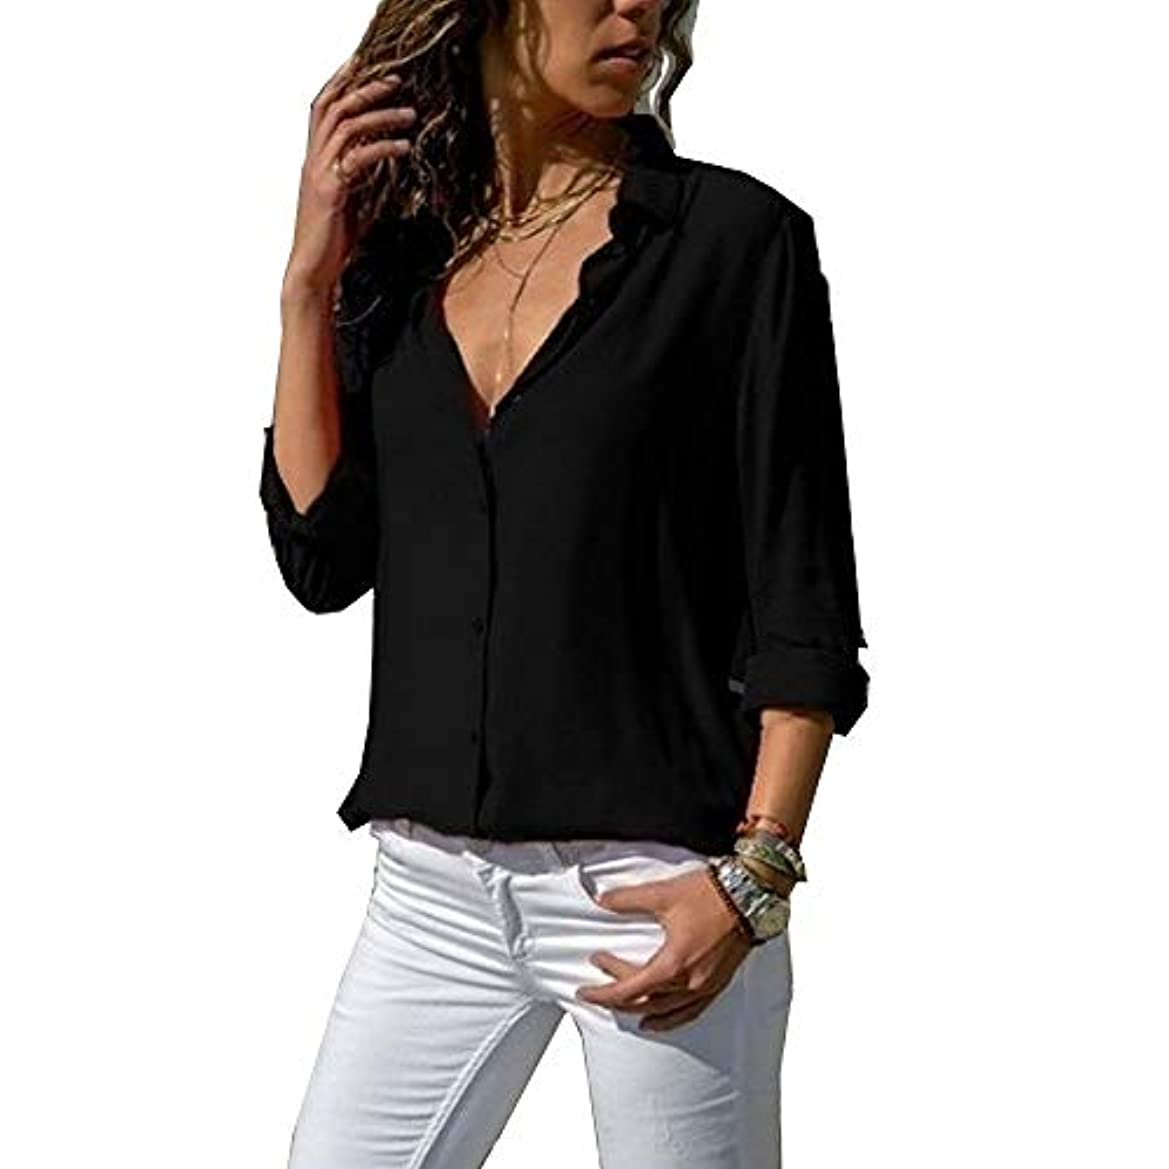 書き込みプレート連想MIFAN ルーズシャツ、トップス&Tシャツ、プラスサイズ、トップス&ブラウス、シフォンブラウス、女性トップス、シフォンシャツ